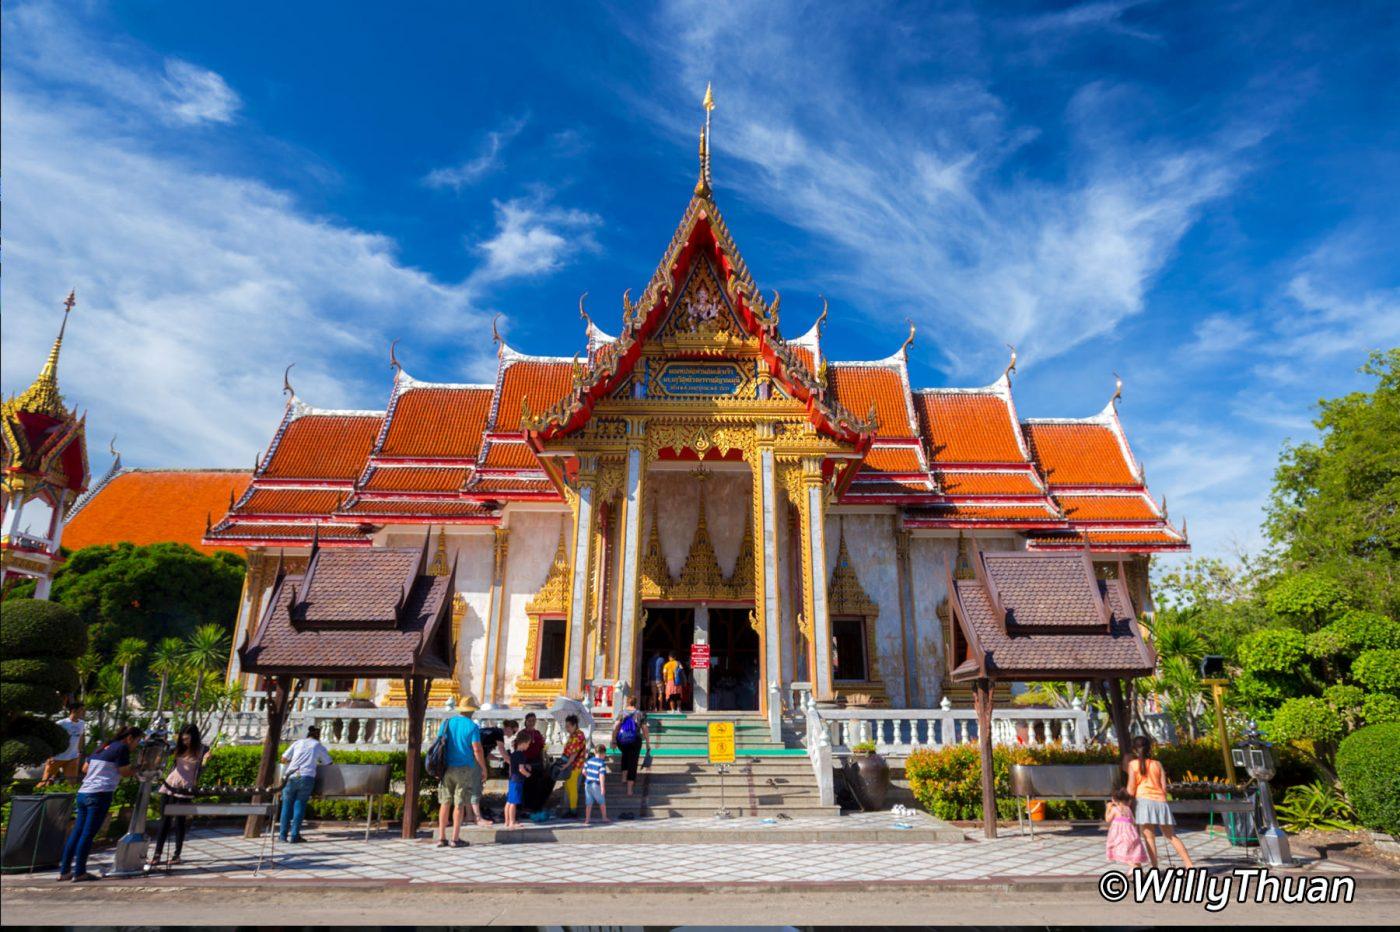 Free Things to Do in Phuket